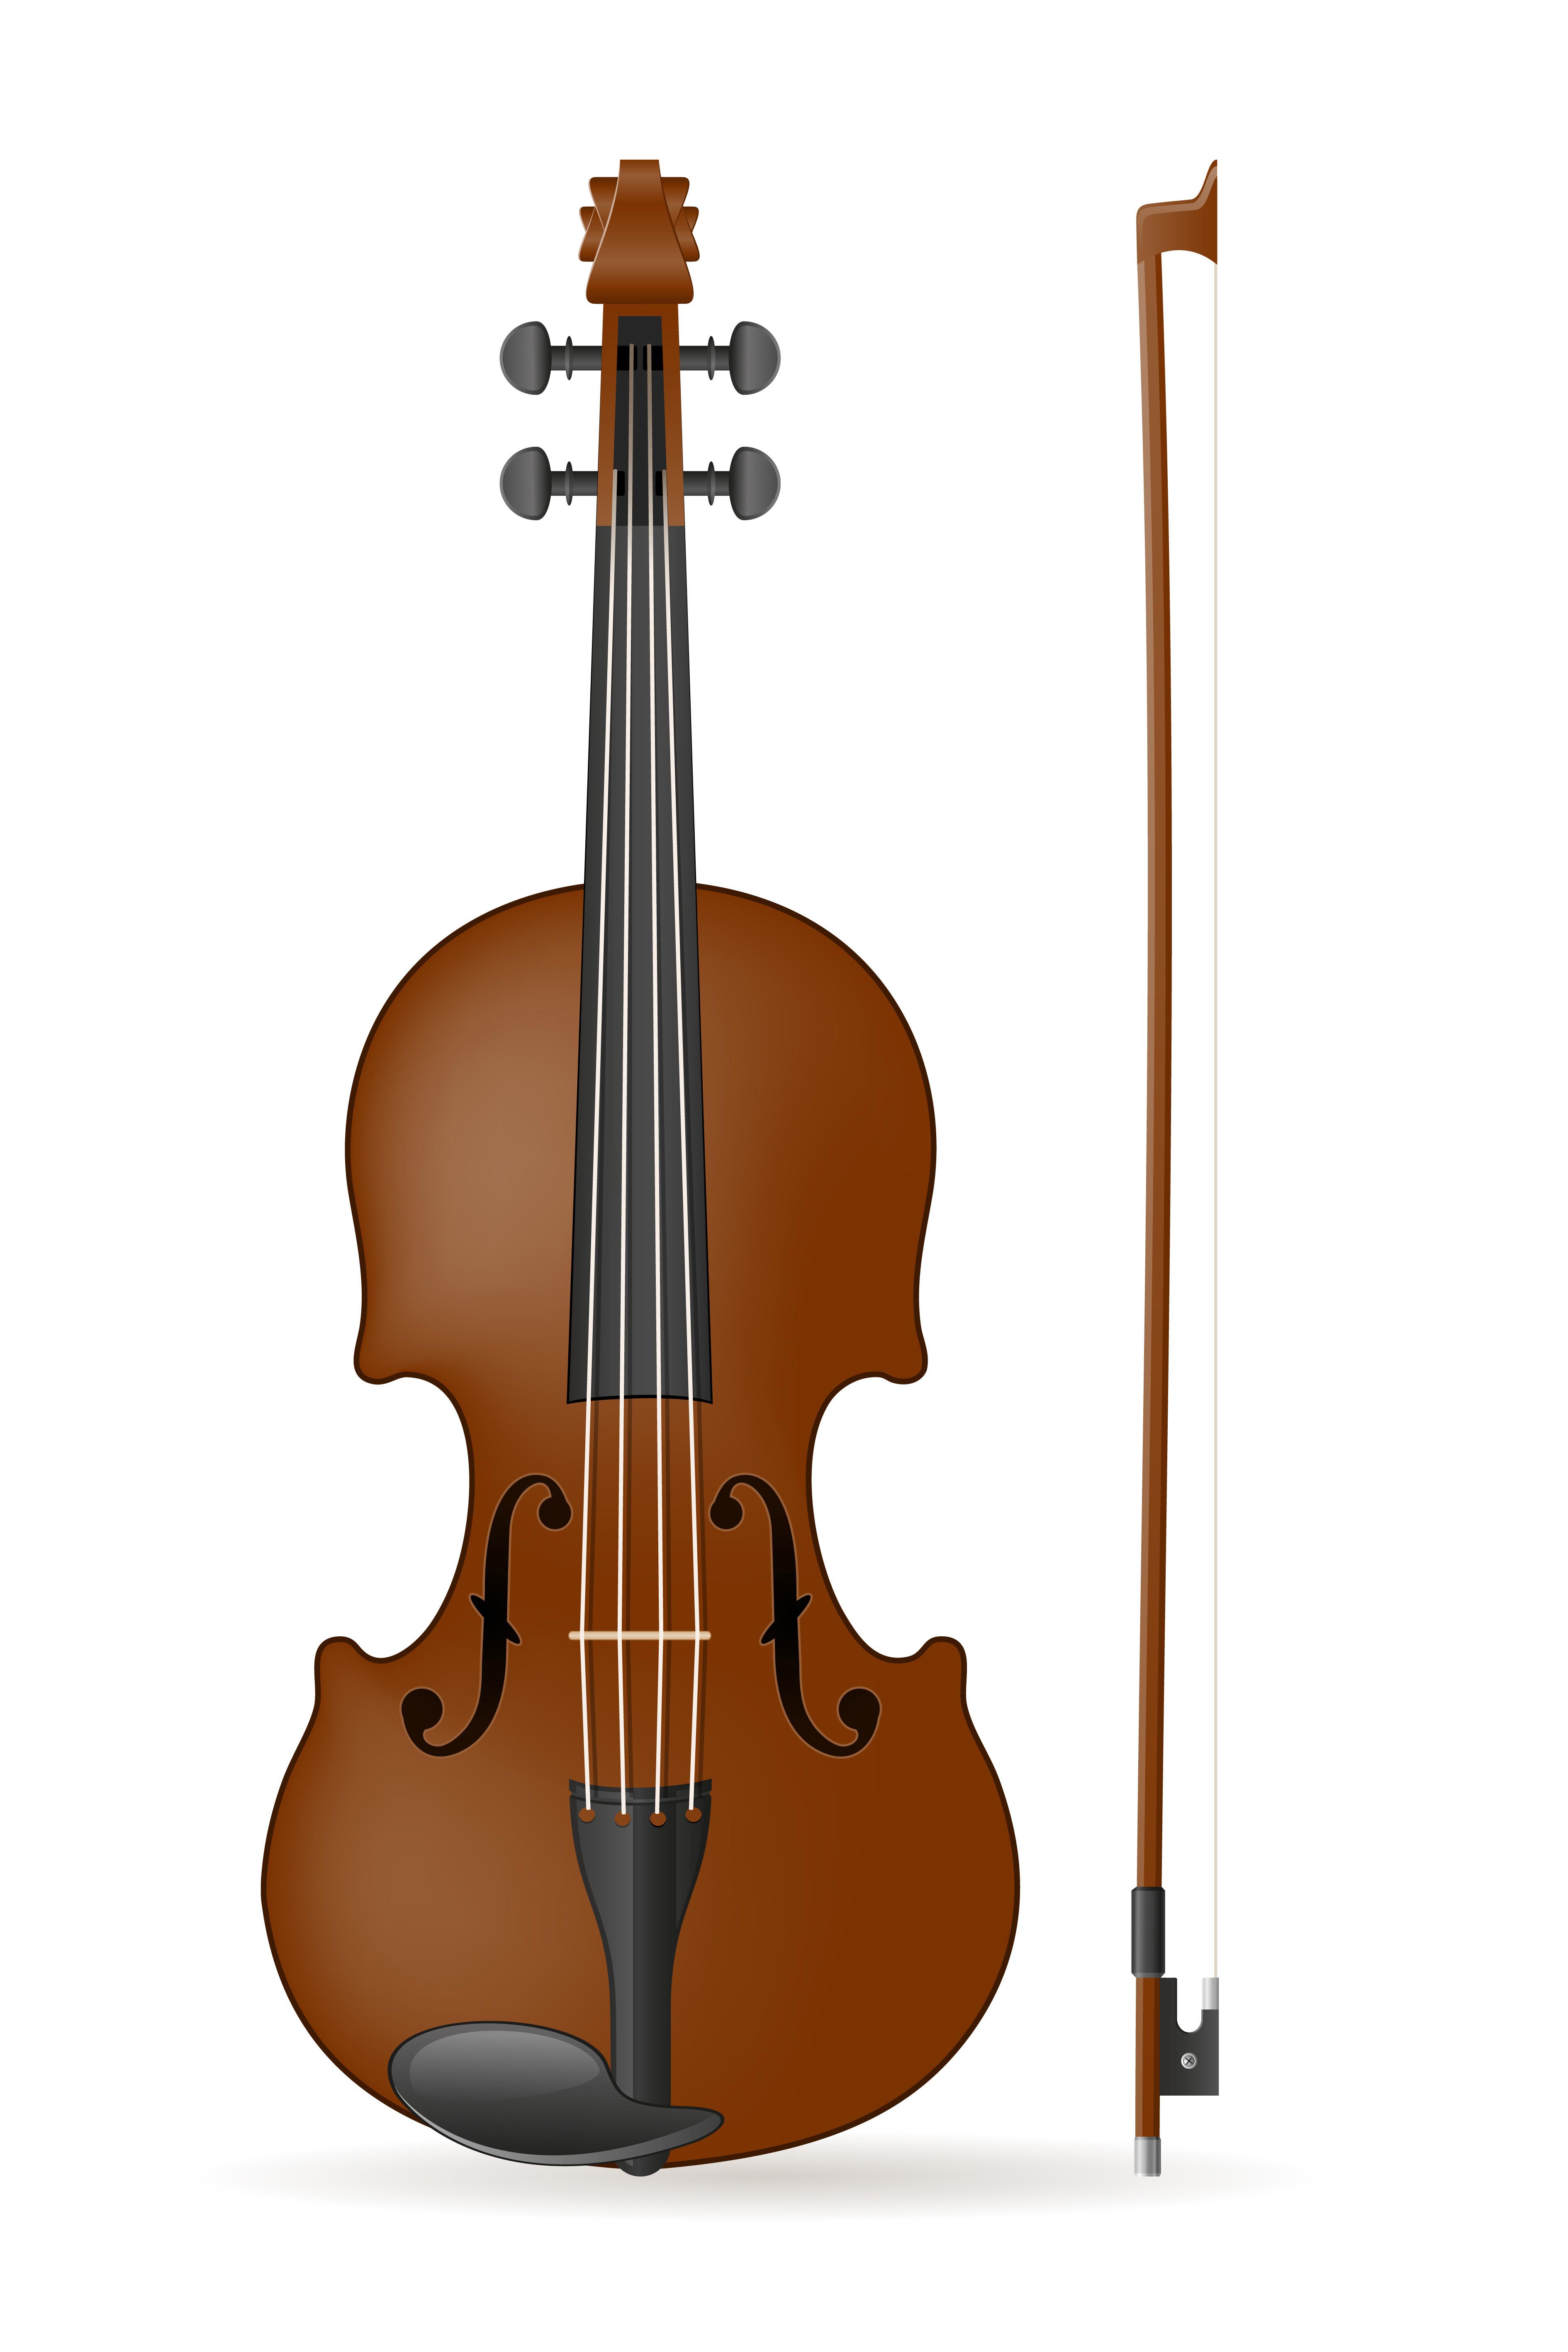 Cello clipart small violin. Stock vector illustration download